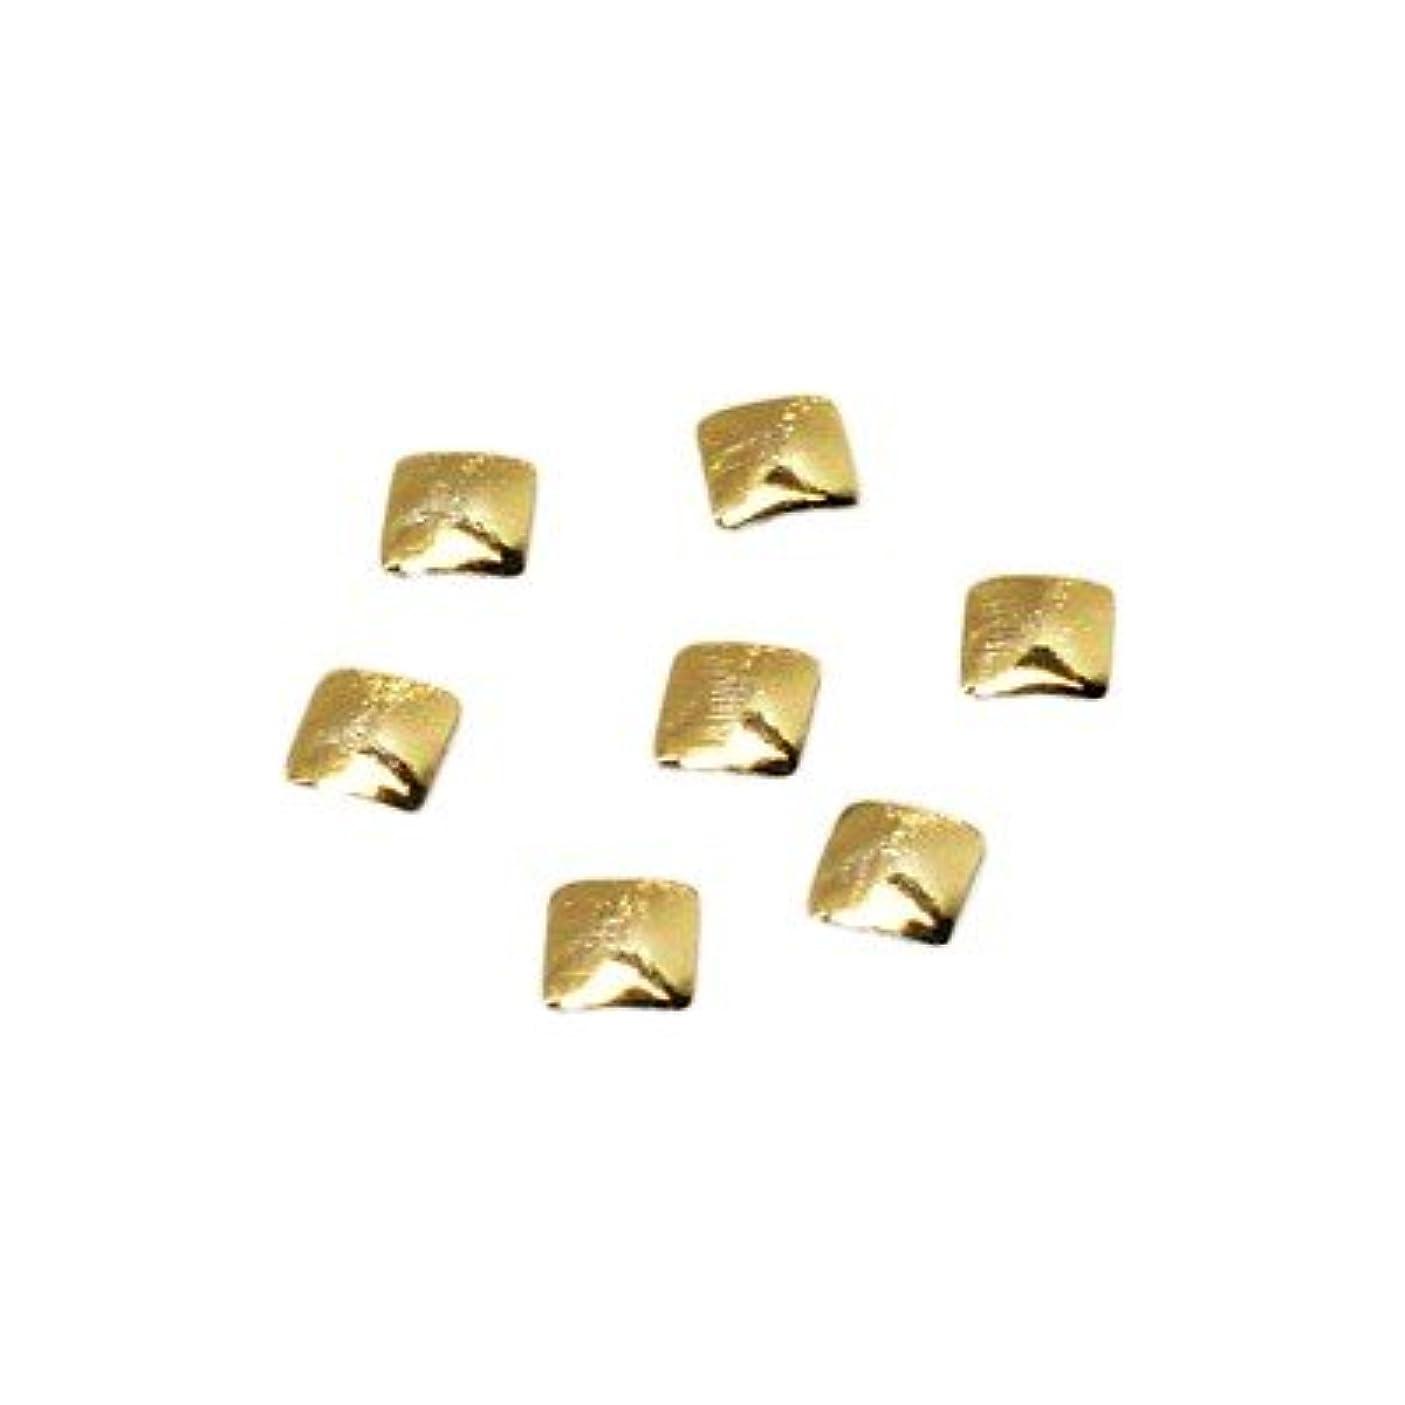 ページェント雄弁家確かにクレア スクエアスタッズ SS GOL ゴールド 0.36g